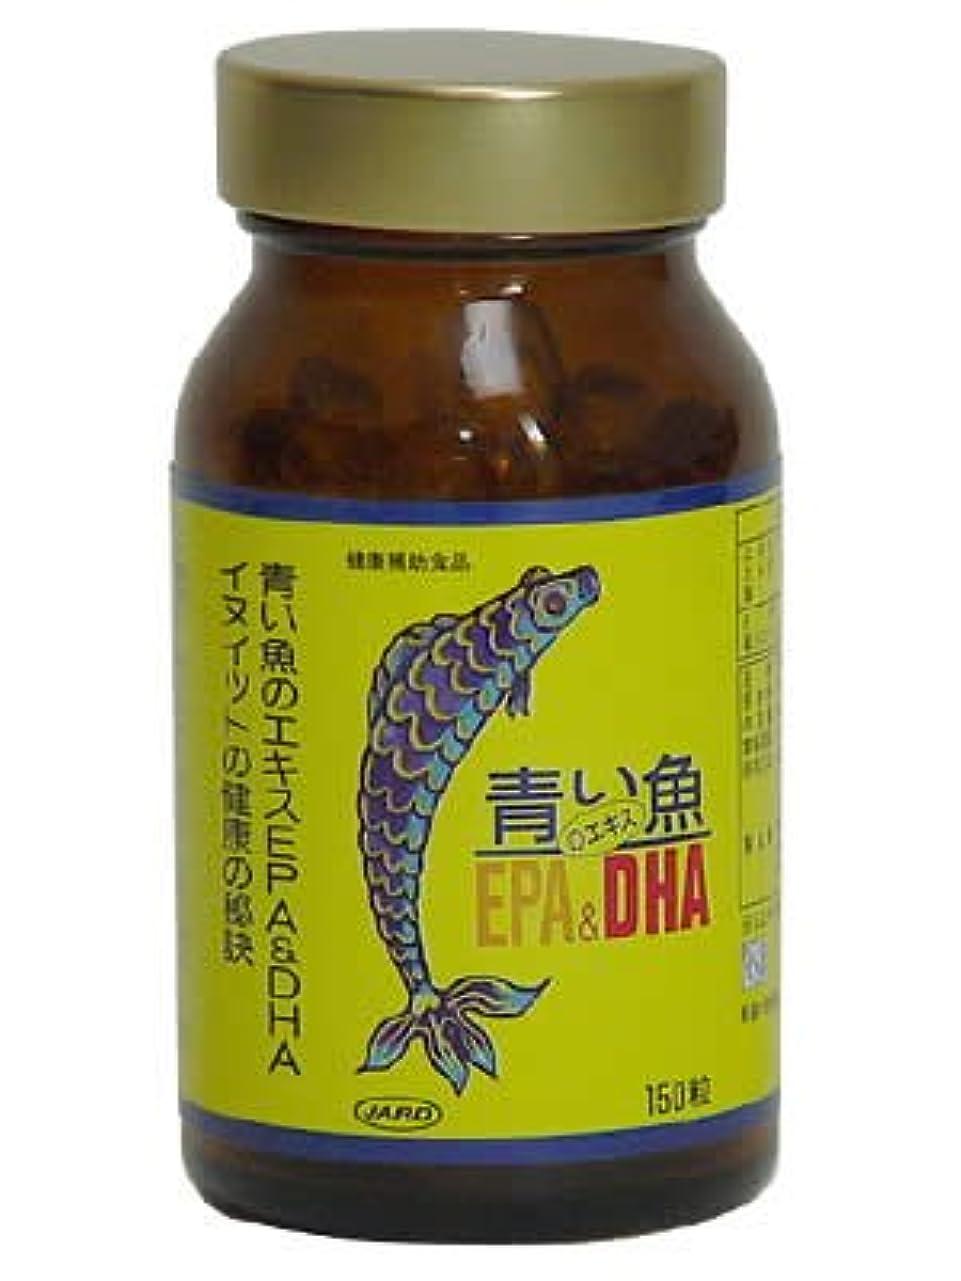 壮大ロール直接青い魚のエキス EPA&DHA 150粒